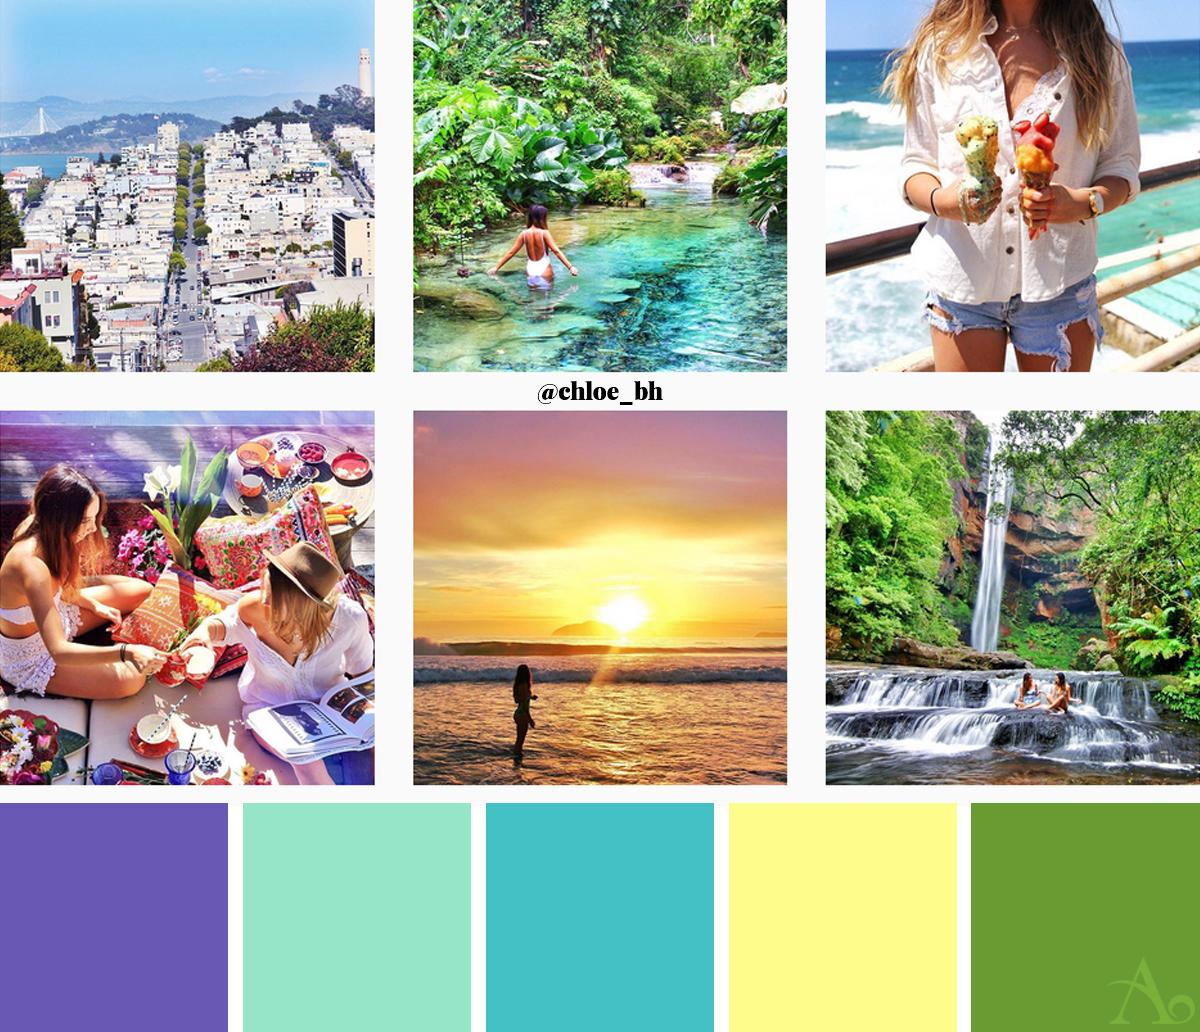 Skapa ett vackert Instagramflöde: 6 Snygga konton att inspireras av - @chloe_bh